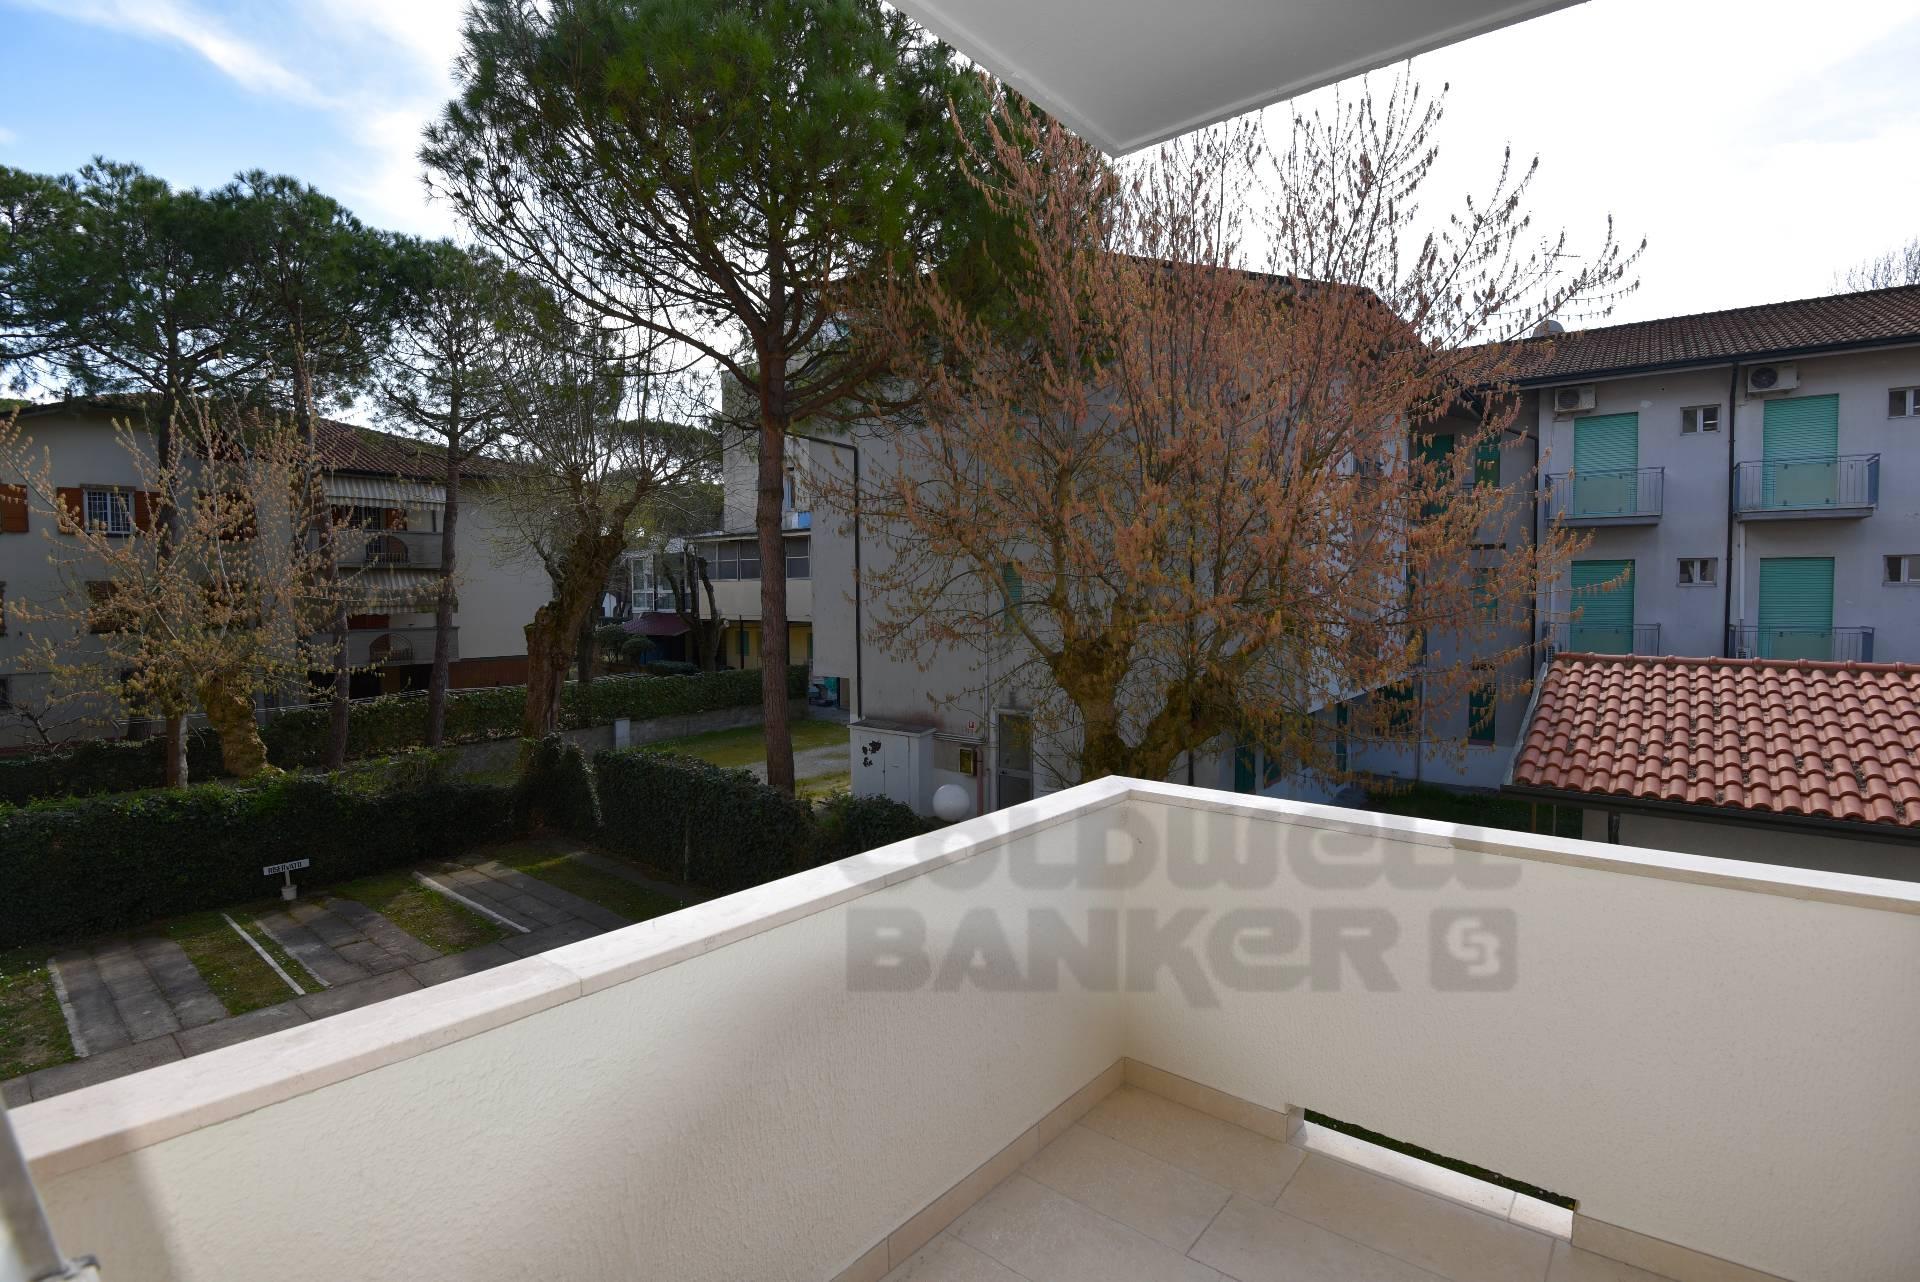 Appartamento in Vendita a Cervia: 4 locali, 73 mq - Foto 9